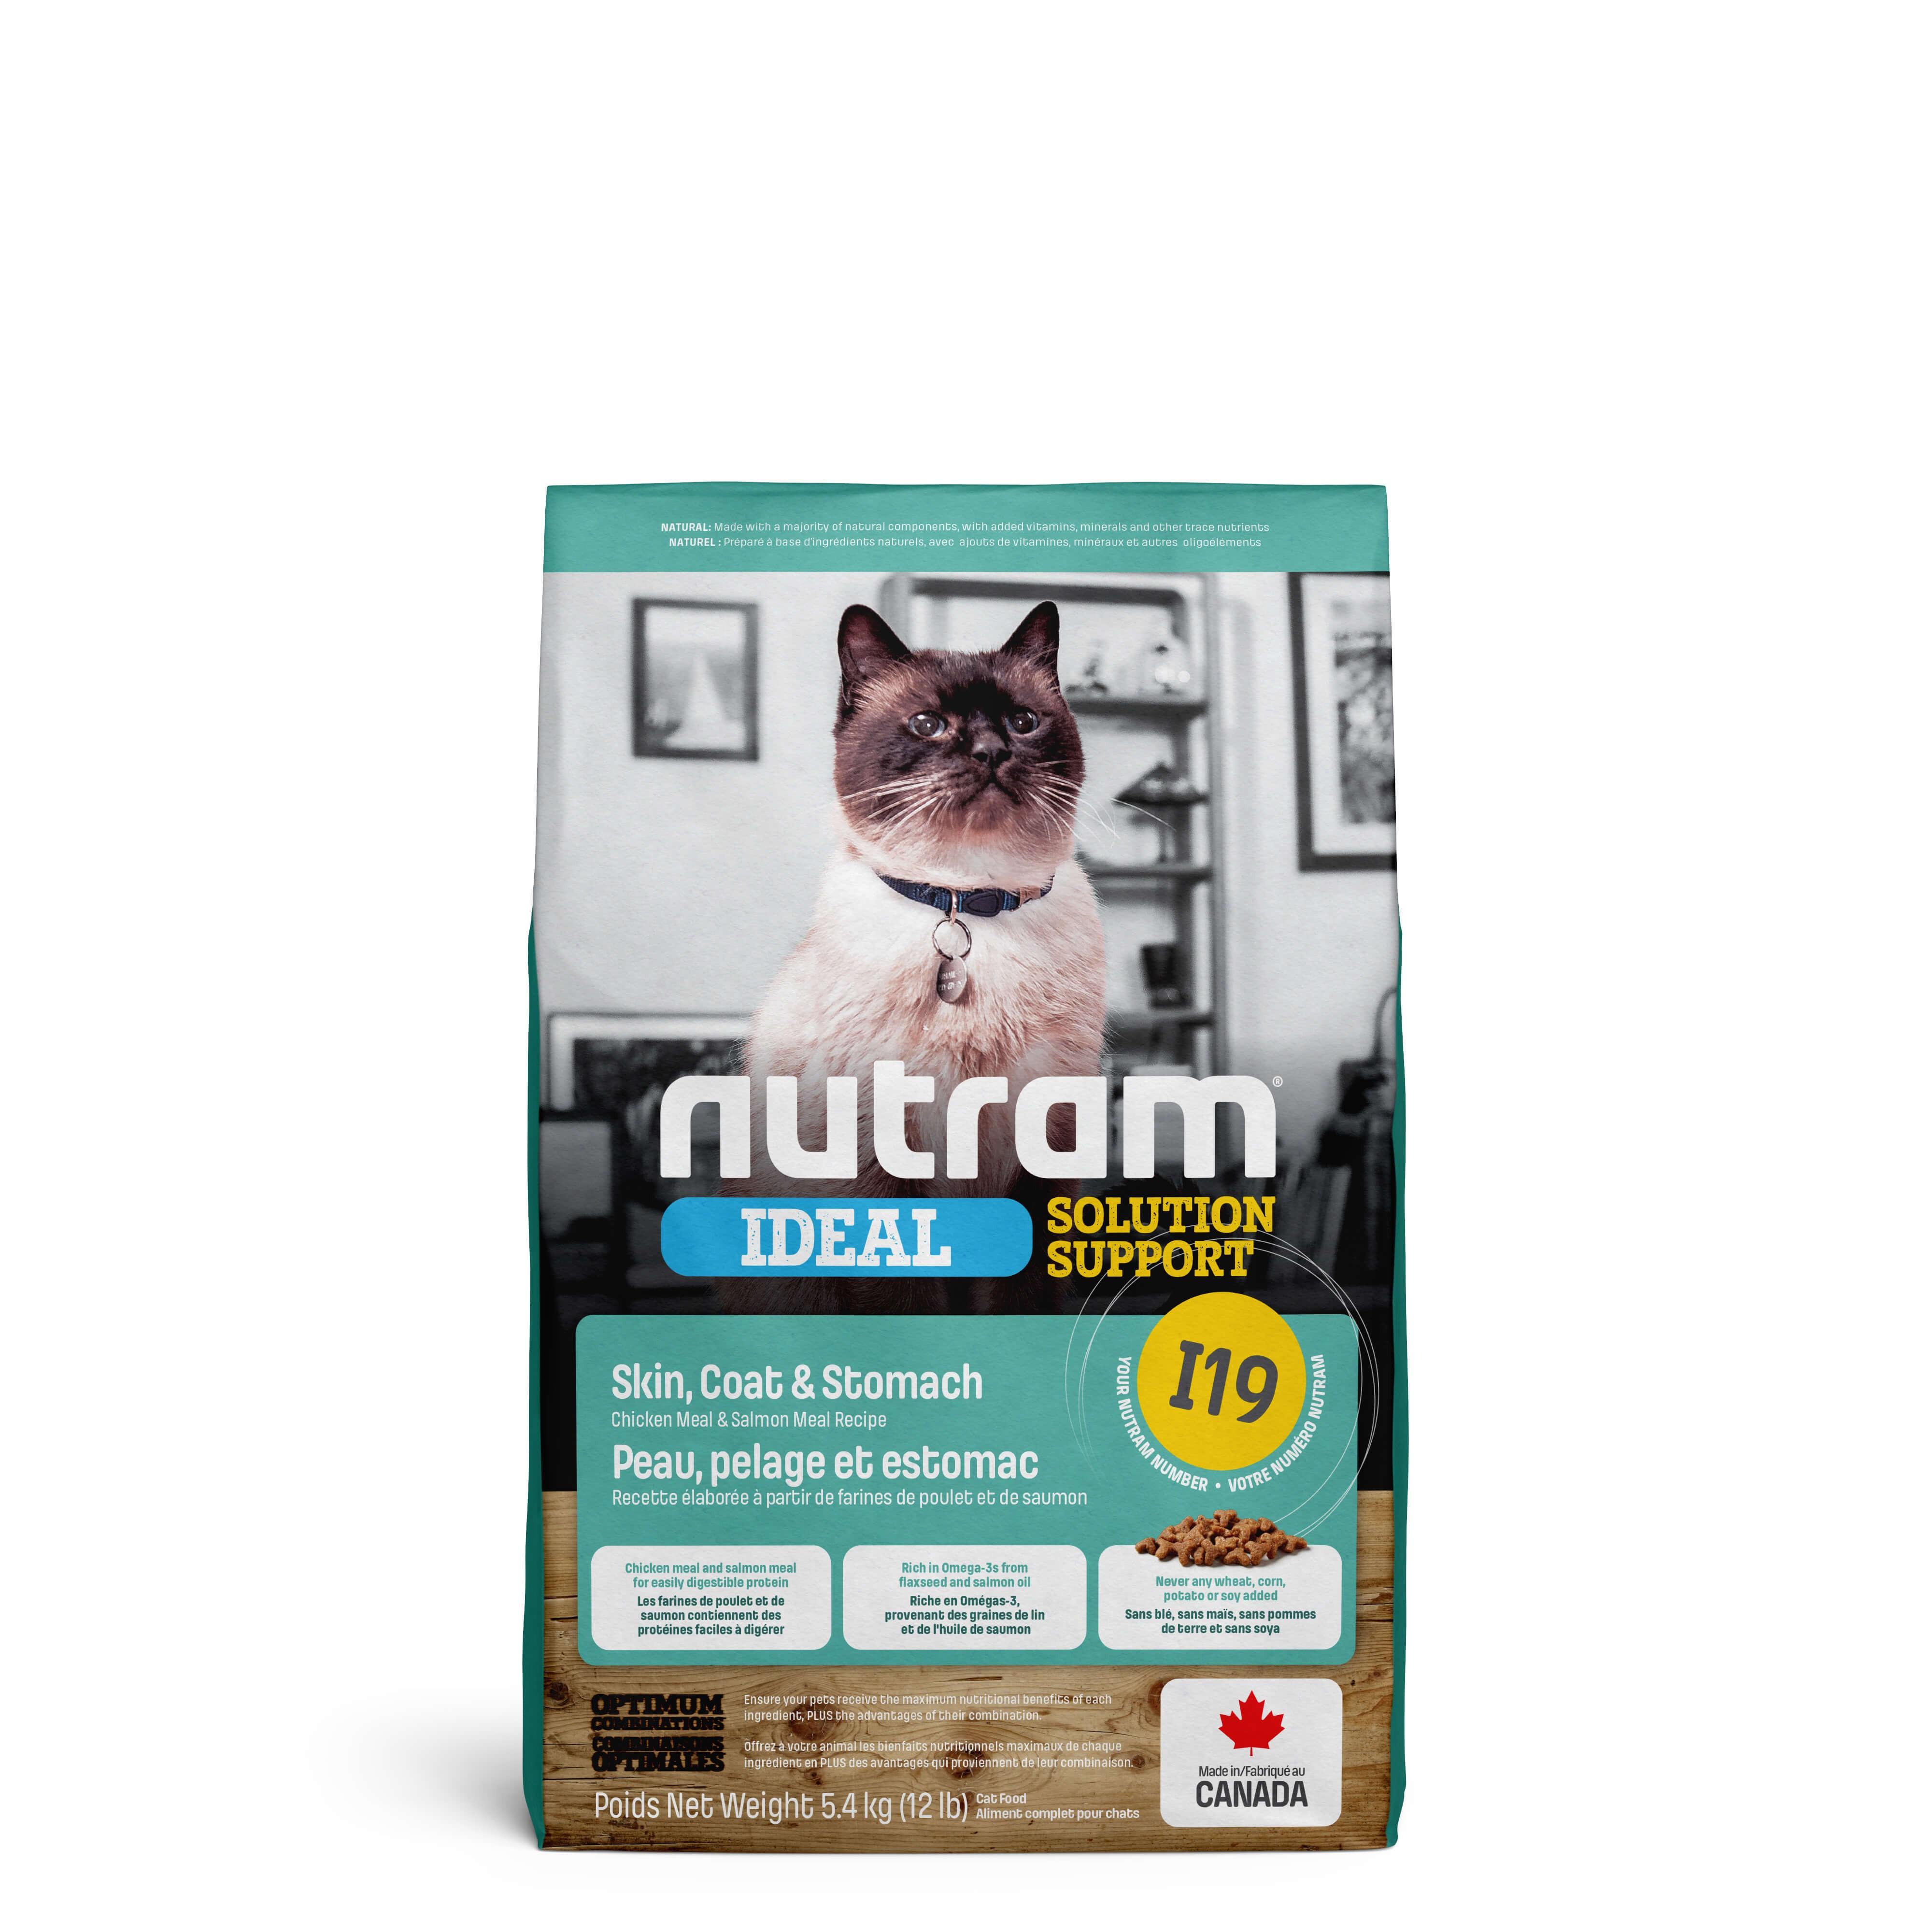 Nutram Ideal Solution Support Sensitive Skin I19 Chat